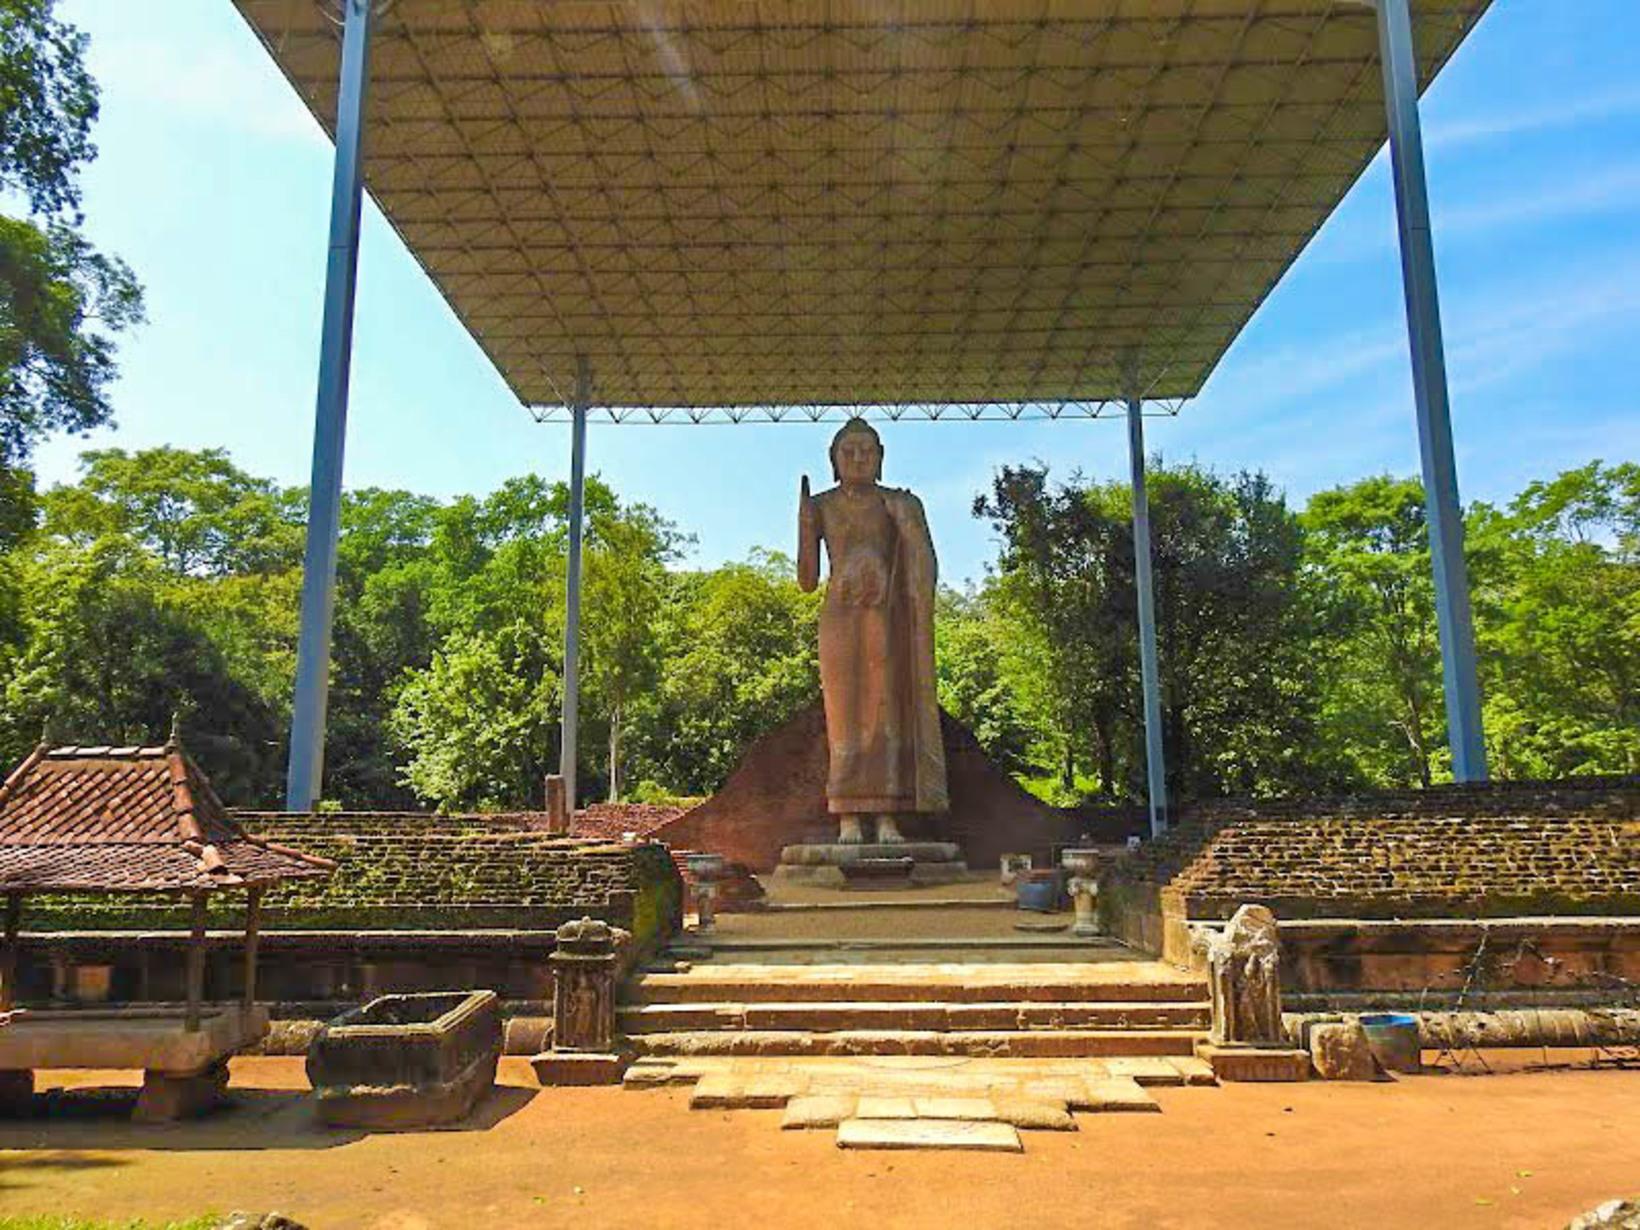 Maligawila Buddha Statue, Buttala